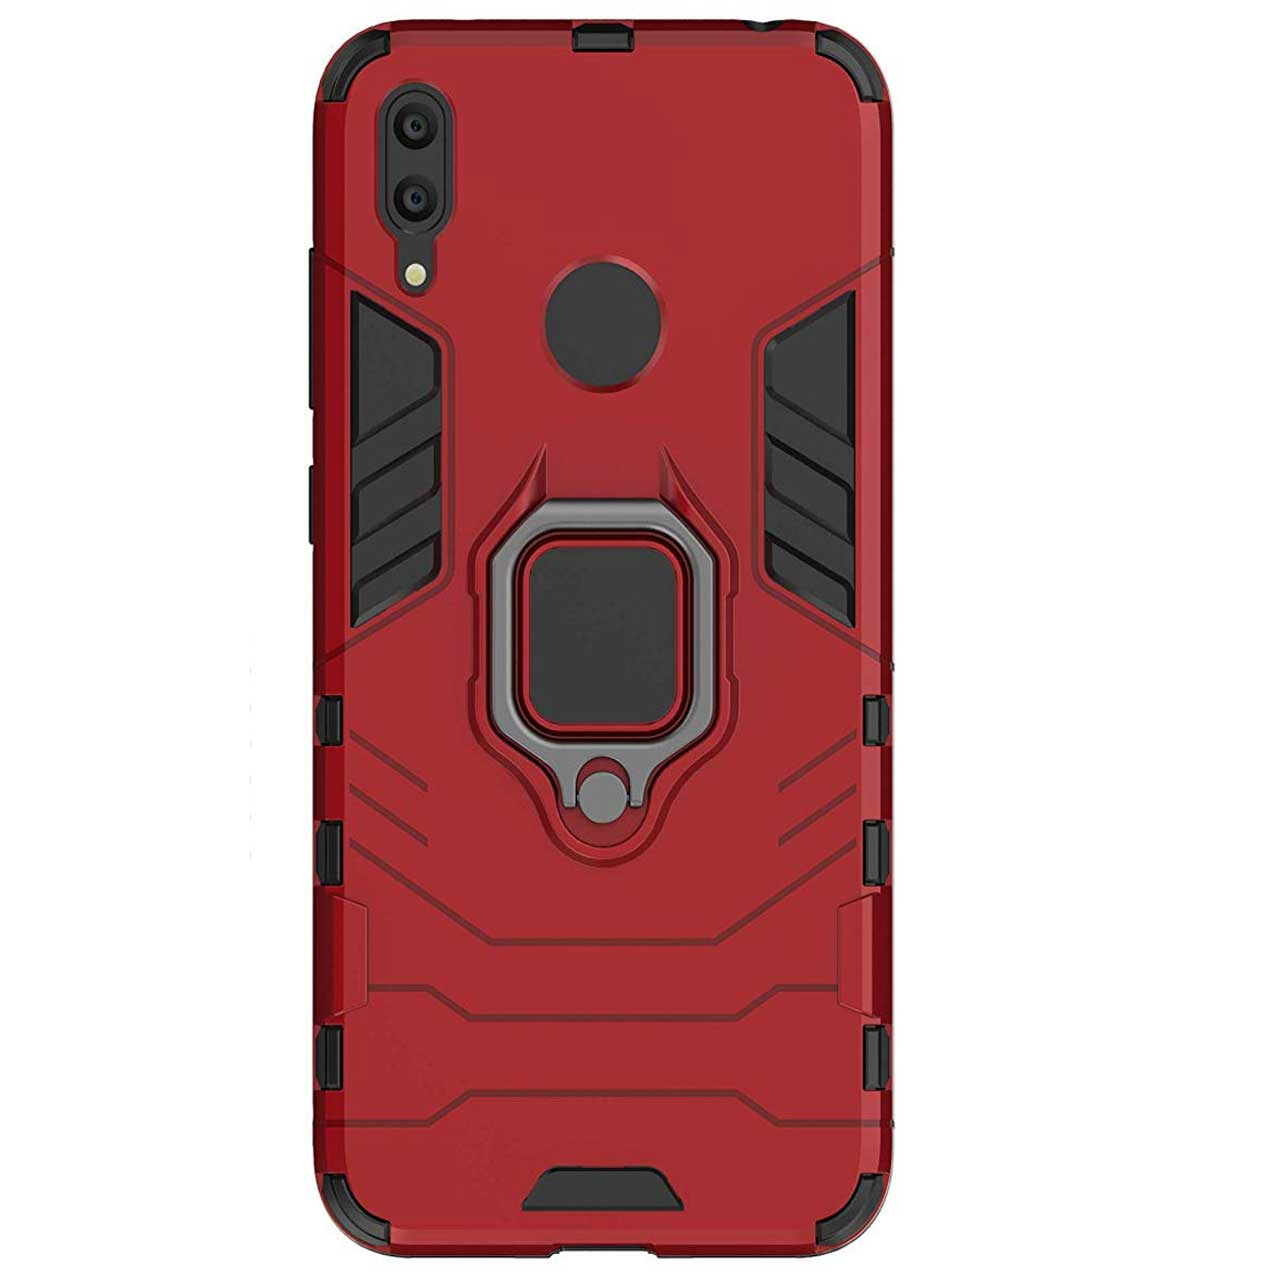 کاور کینگ کونگ مدل GHB01 مناسب برای گوشی موبایل هوآوی Y9 2019